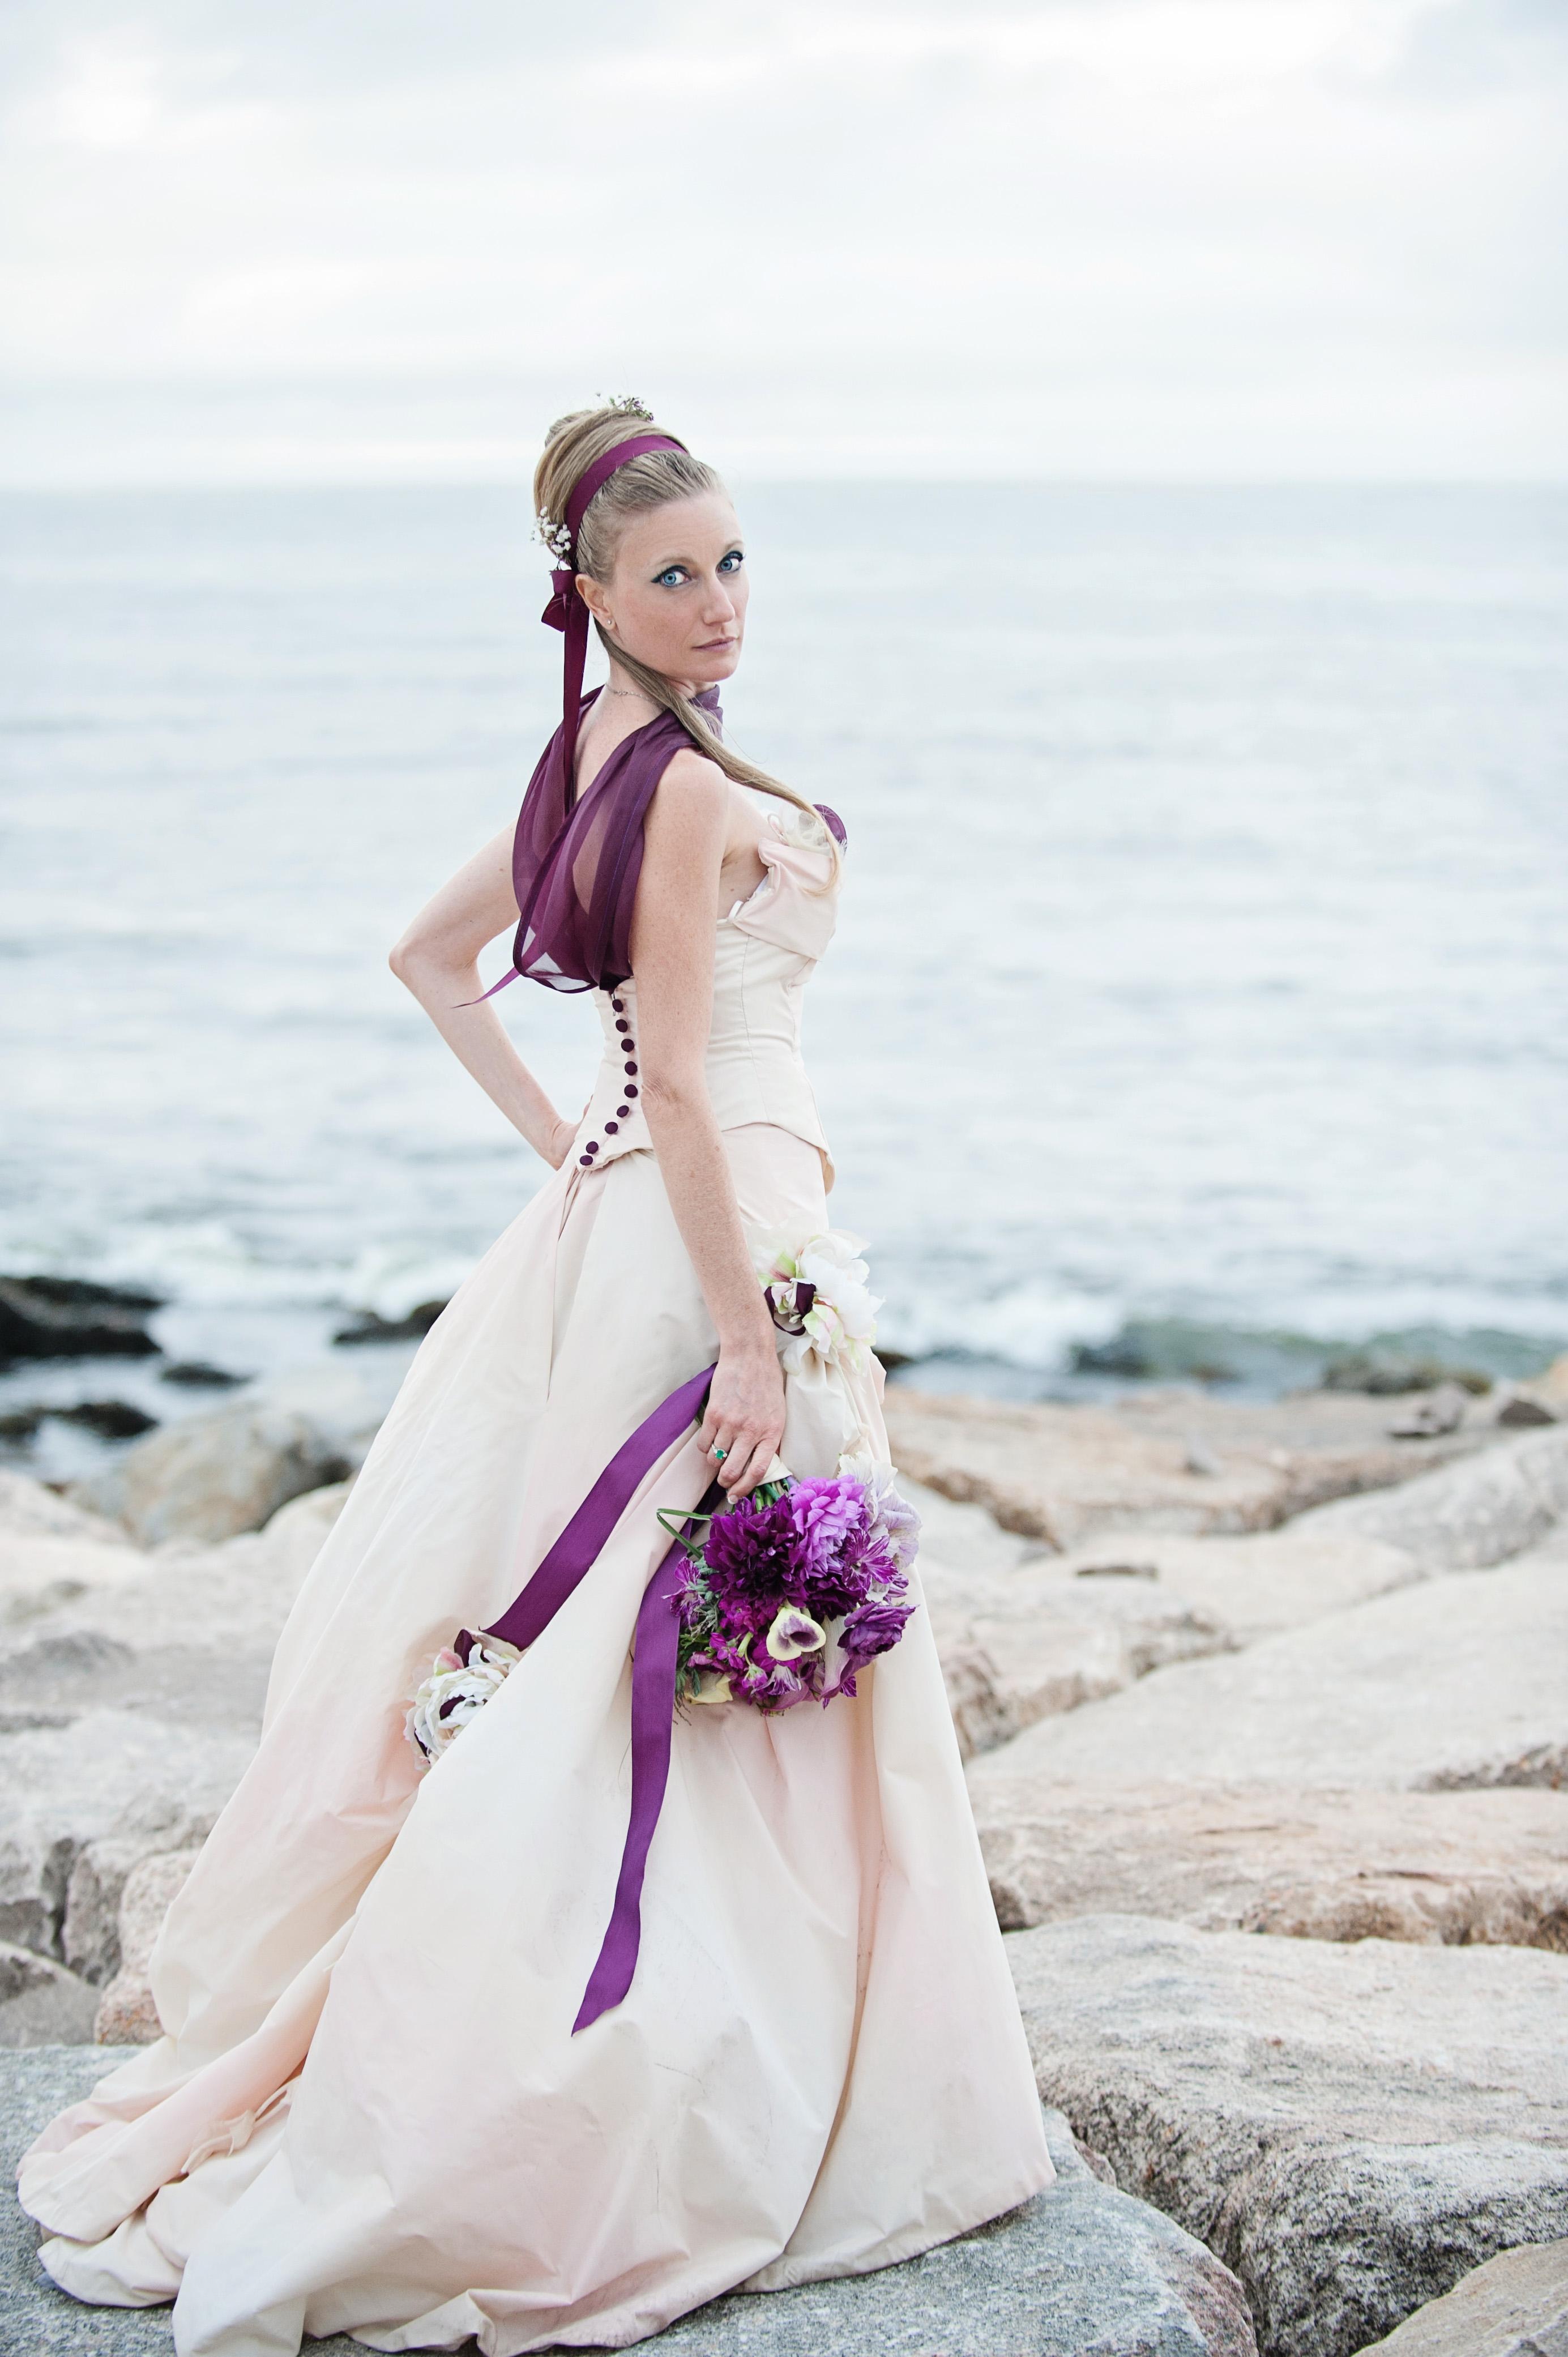 Particolae dell'abito con inserti in viola.